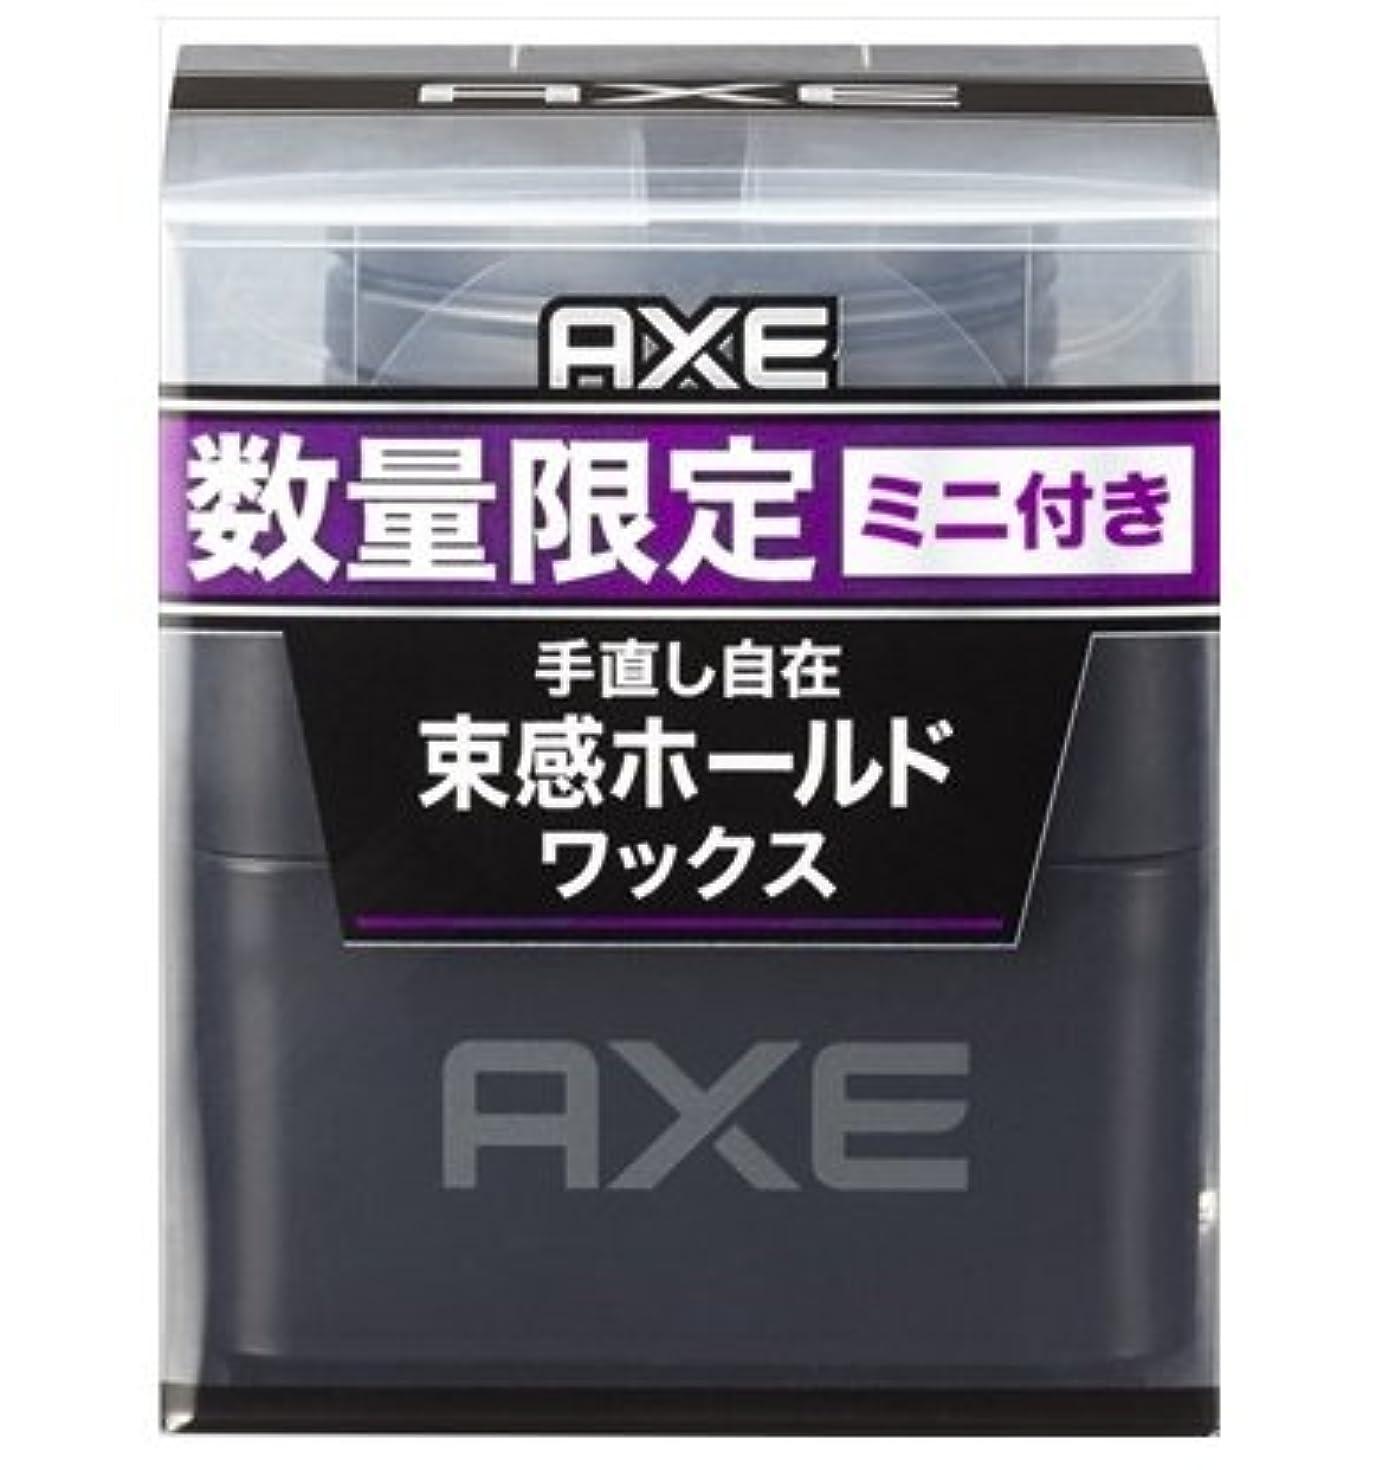 激しい個性構成アックス ブラック メンズスタイリング パティワックス (束感ホールド) ミニサイズ付き 65g+15g